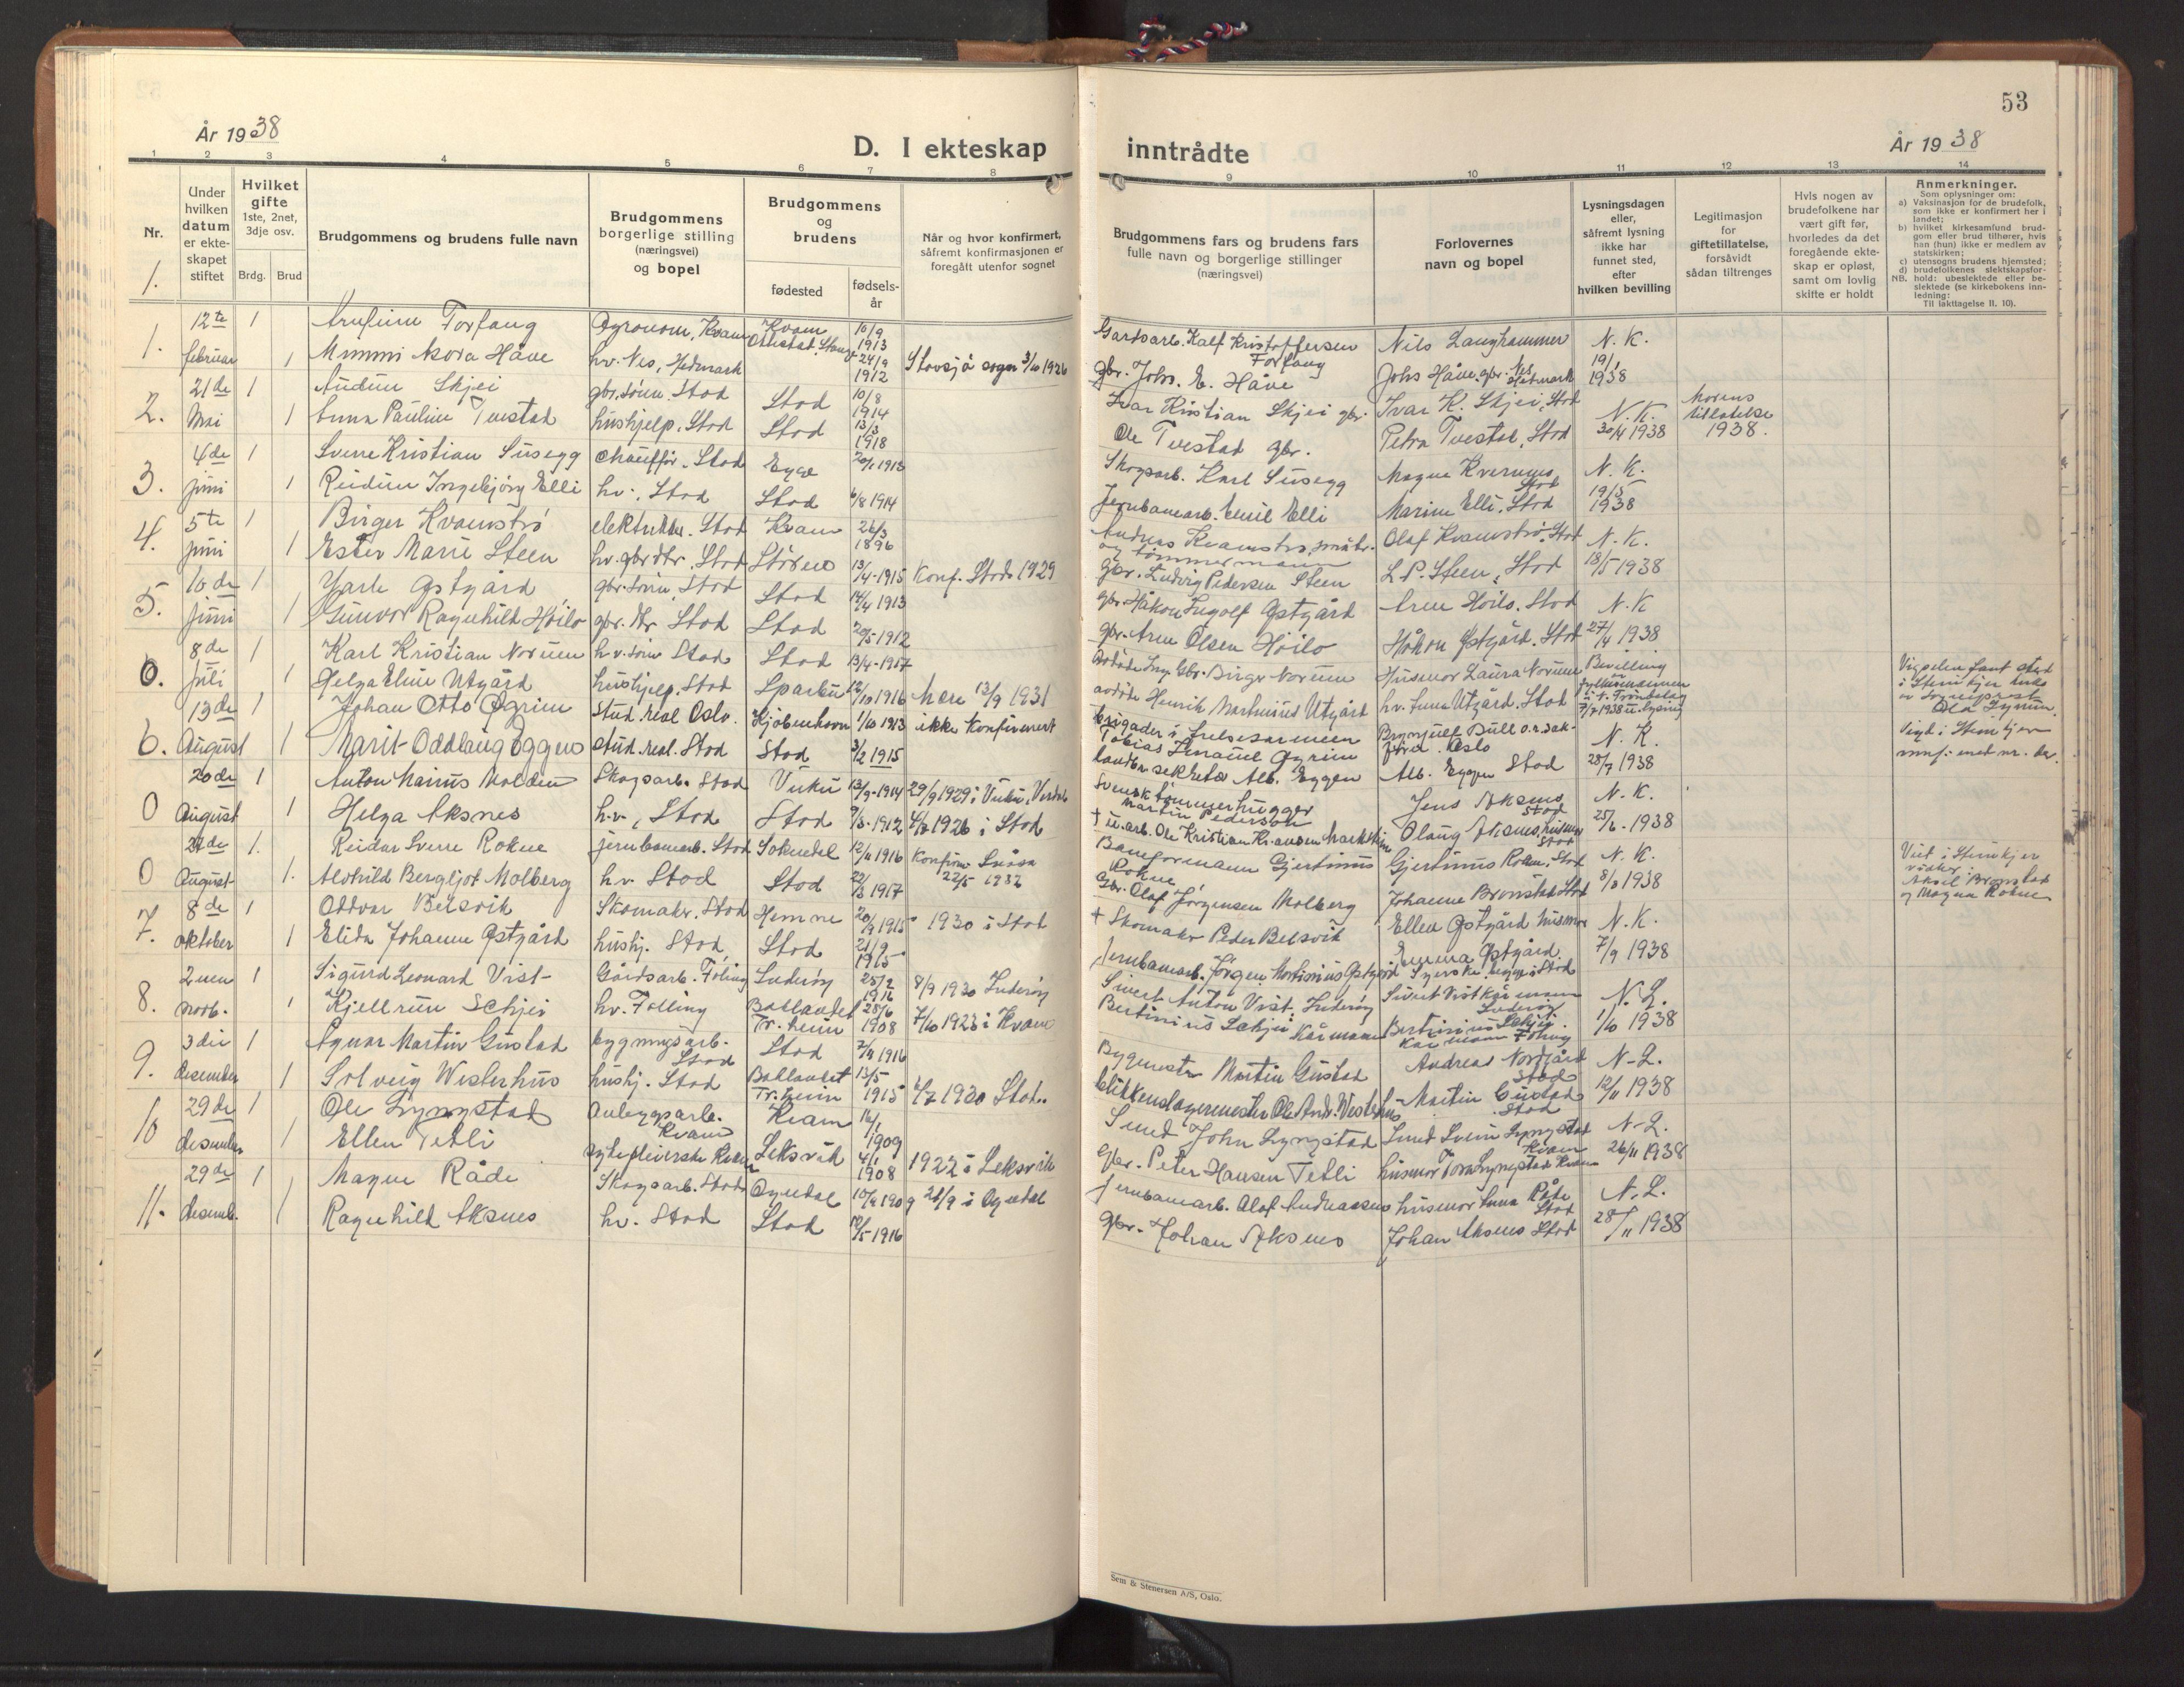 SAT, Ministerialprotokoller, klokkerbøker og fødselsregistre - Nord-Trøndelag, 746/L0456: Klokkerbok nr. 746C02, 1936-1948, s. 53